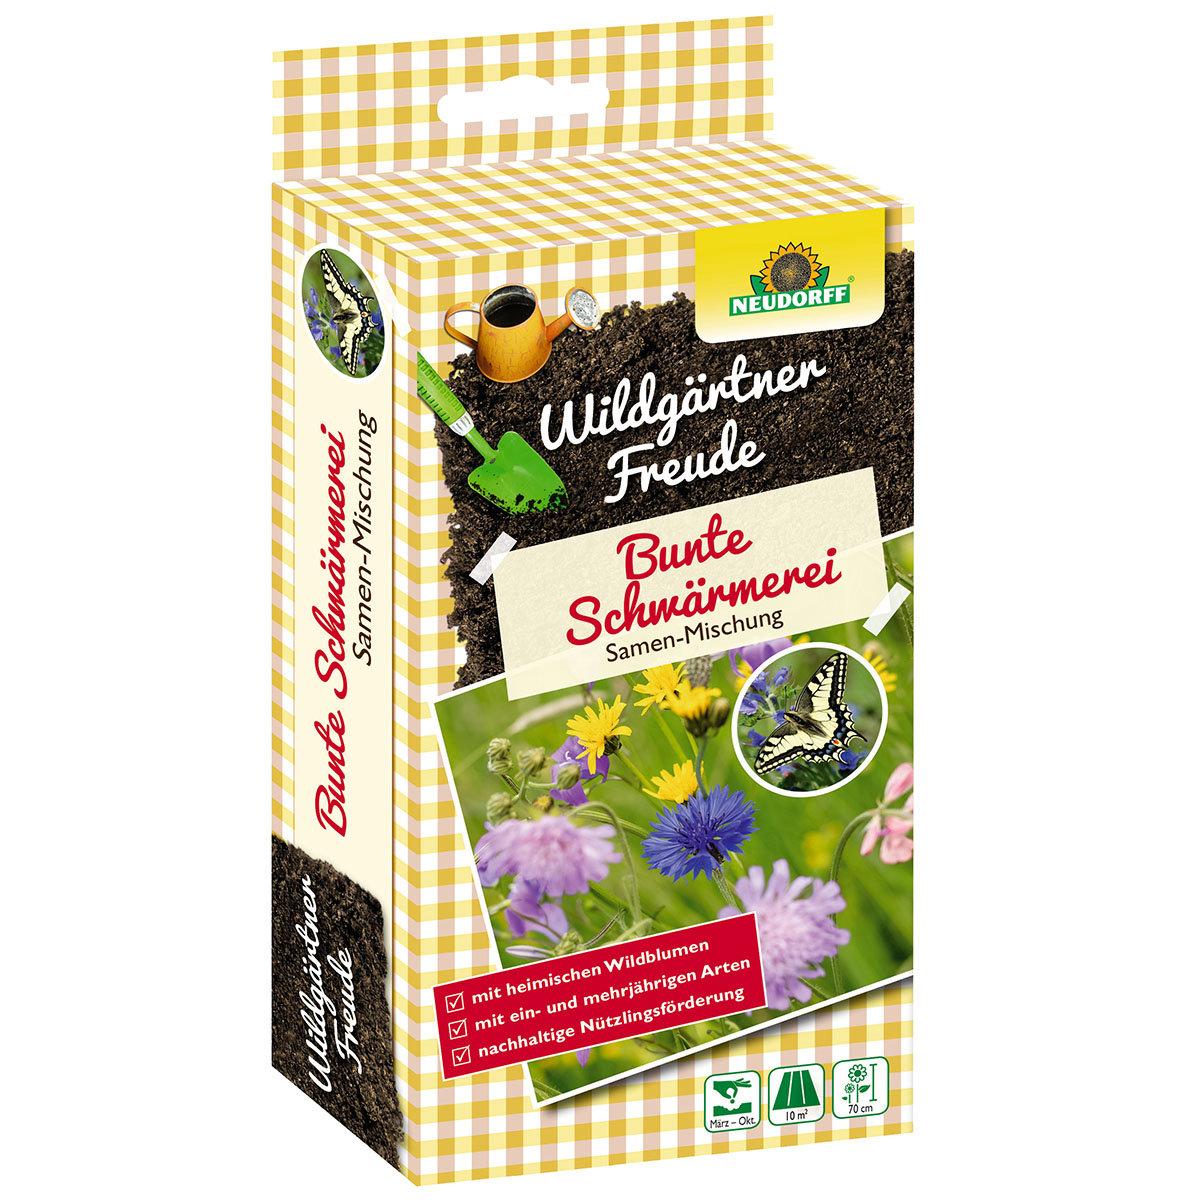 Wildgärtner Freude Bunte Schwärmerei, 50 g